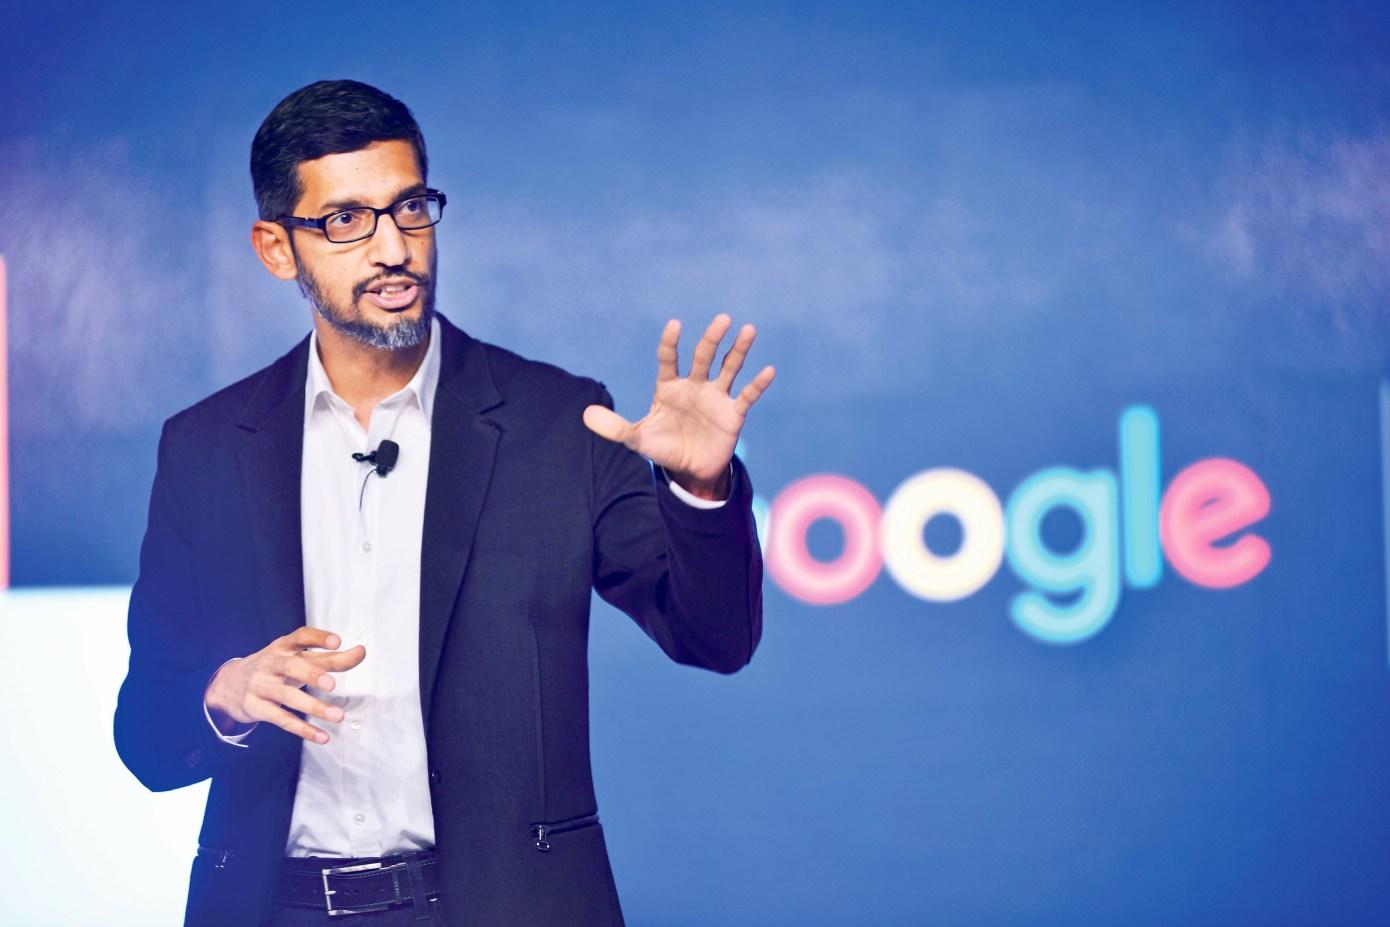 印度针对谷歌的Android反垄断案可能会有一些漏洞